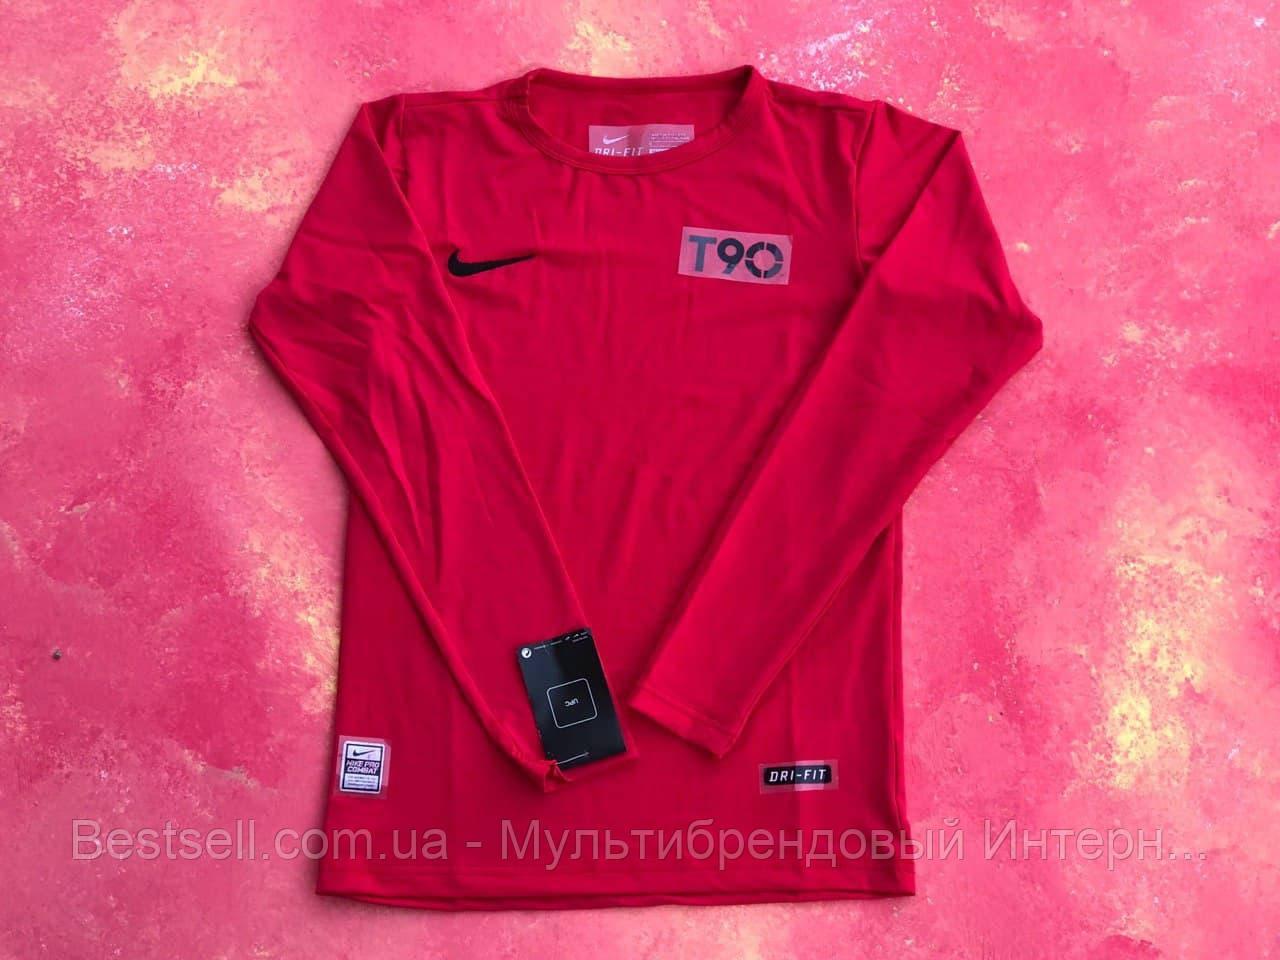 Термо-кофта красная Nike Pro Combat Core Compression / компрессионные кофта / термобелье